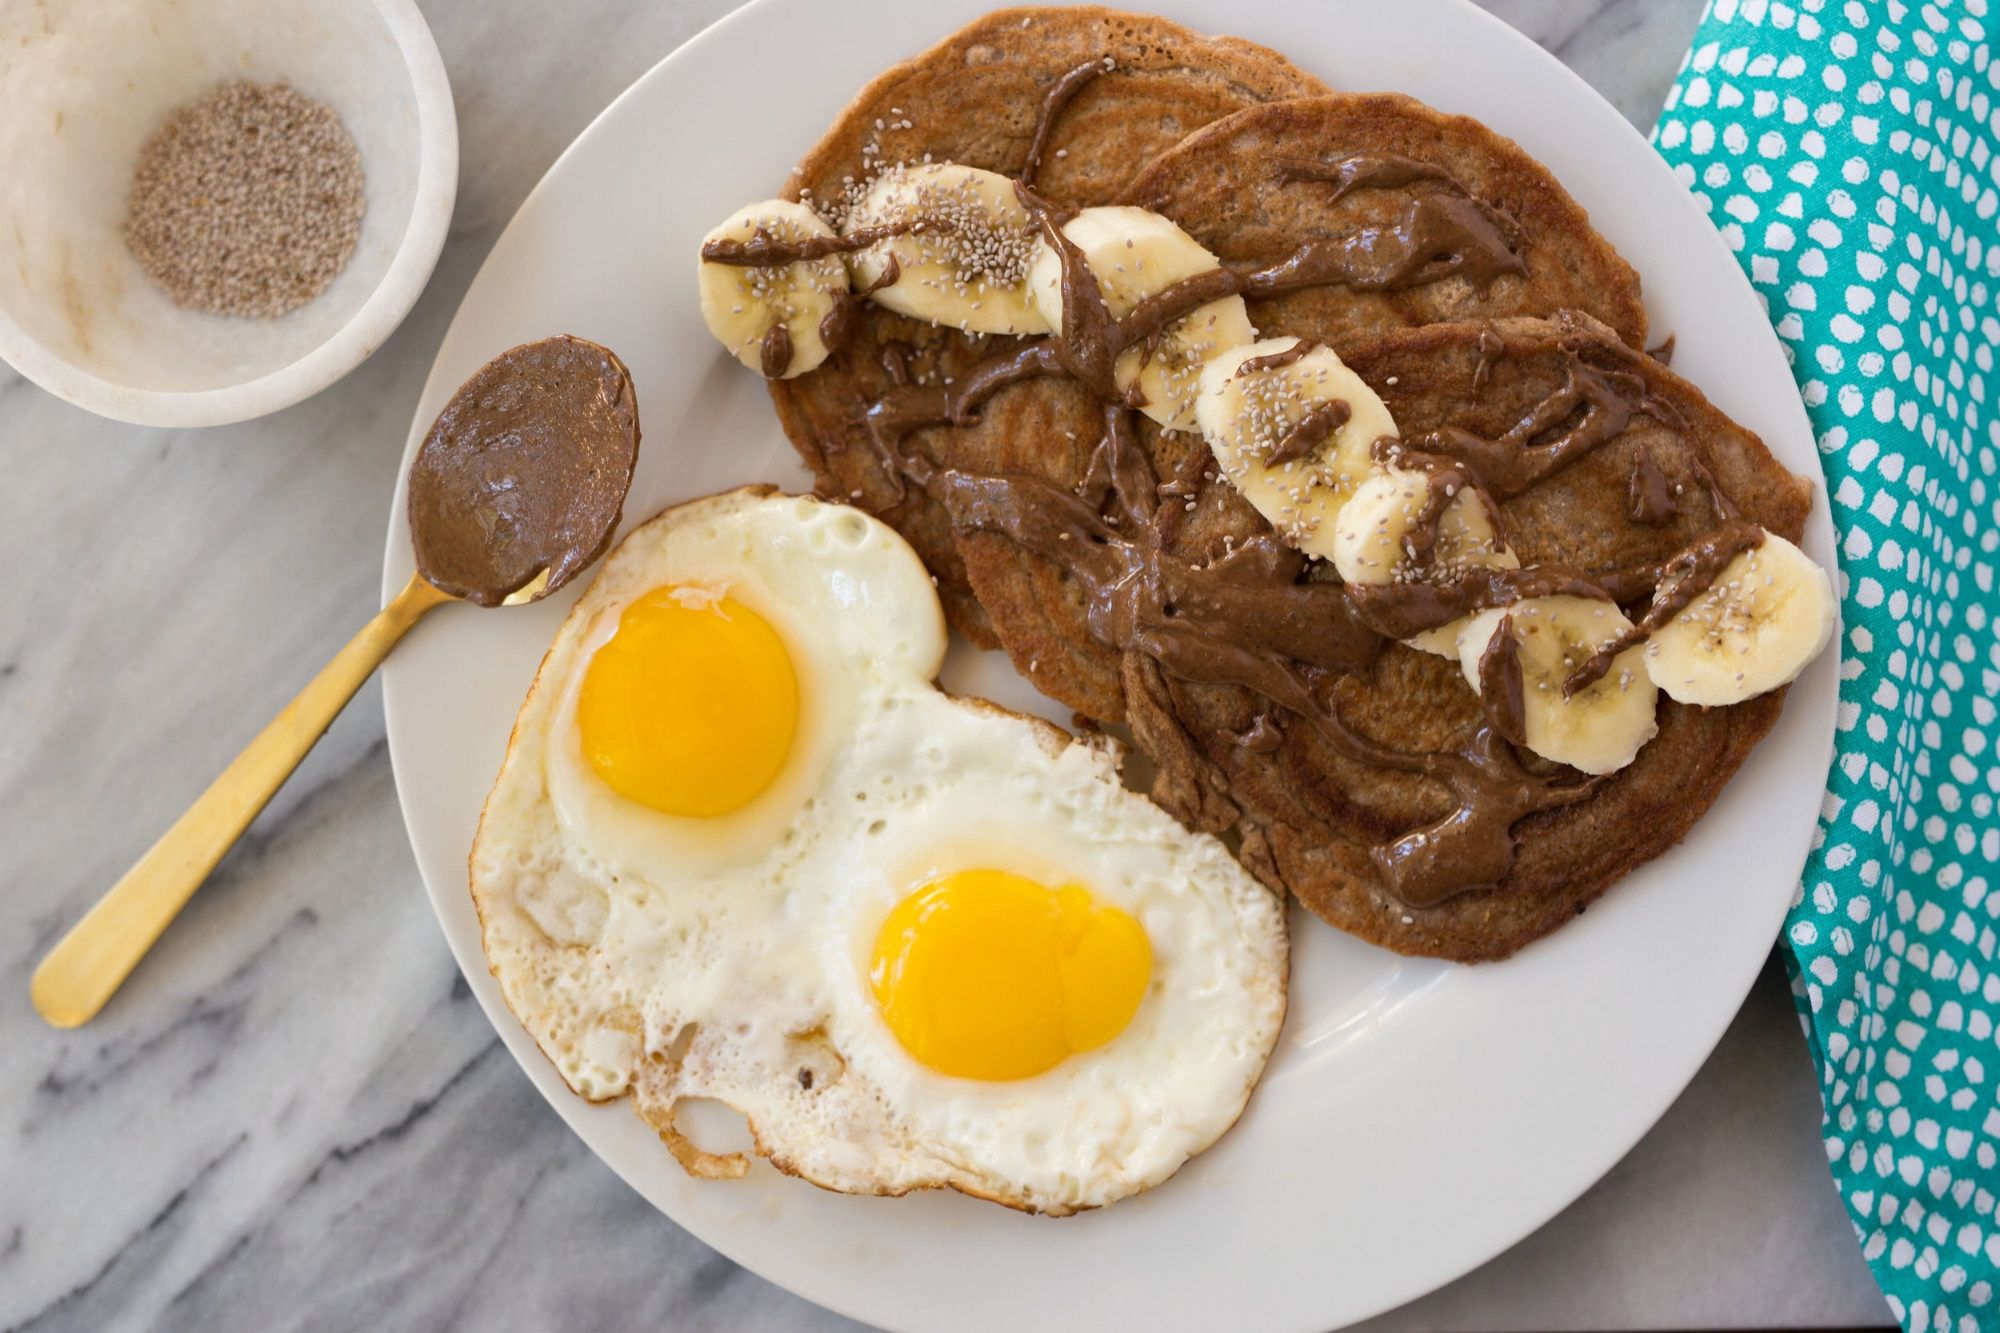 chocolateproteinpancakes.jpg